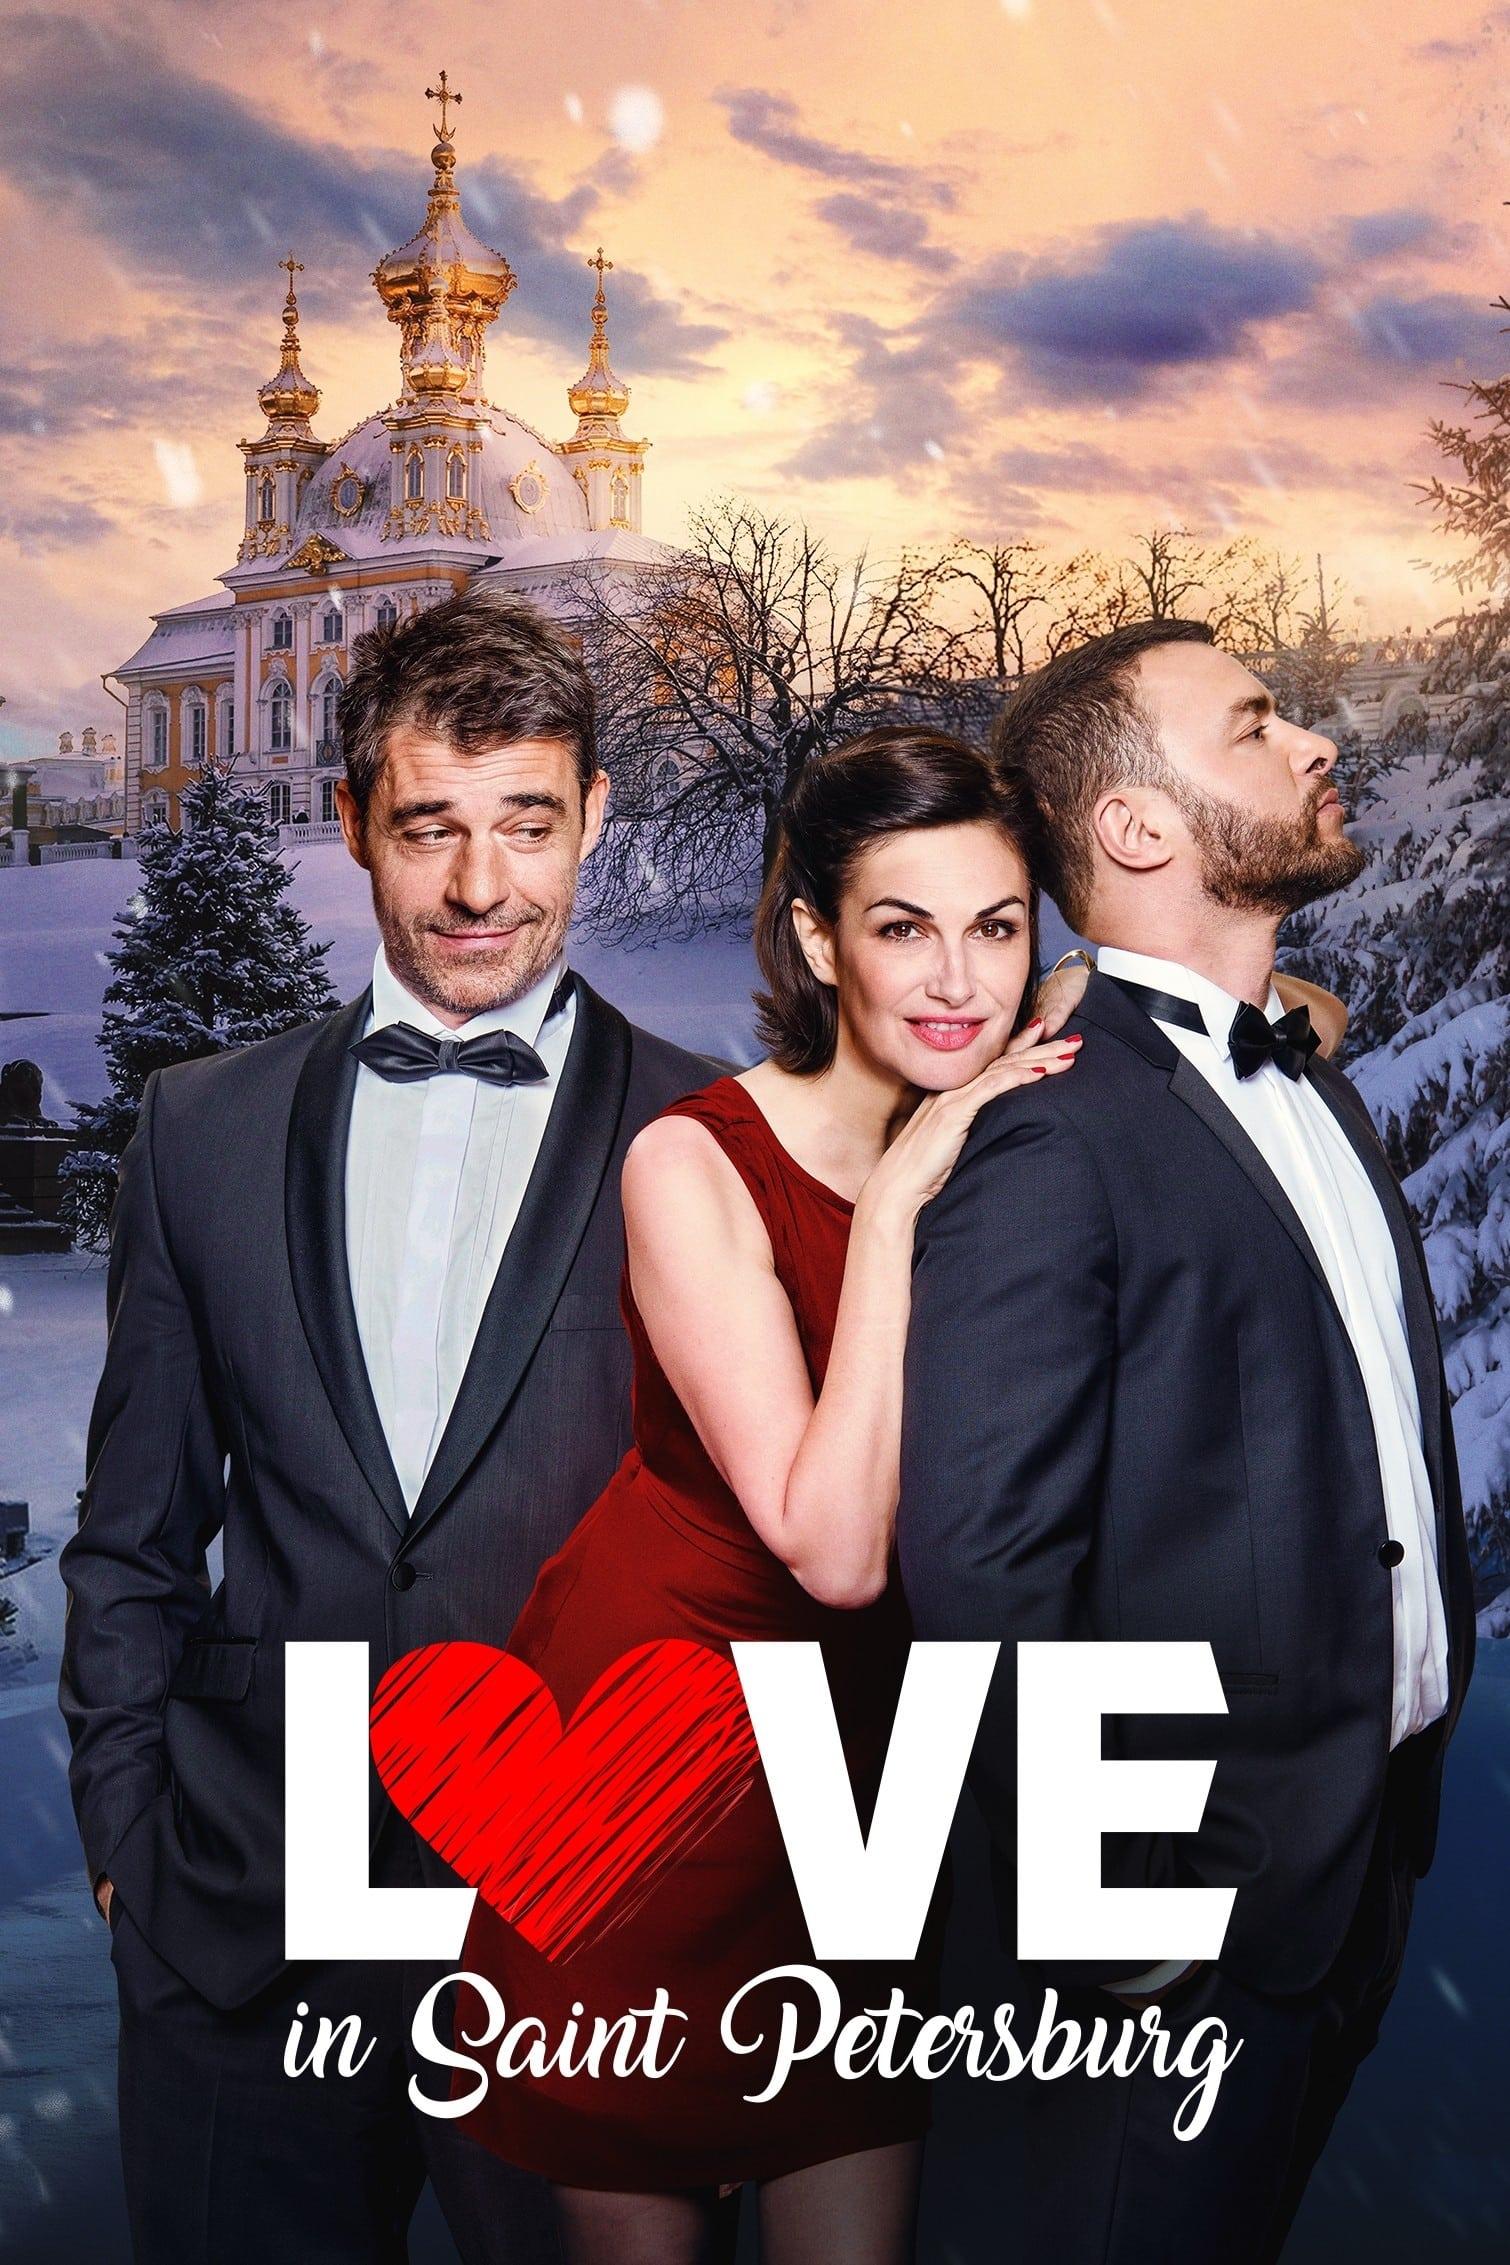 Love In St. Petersburg